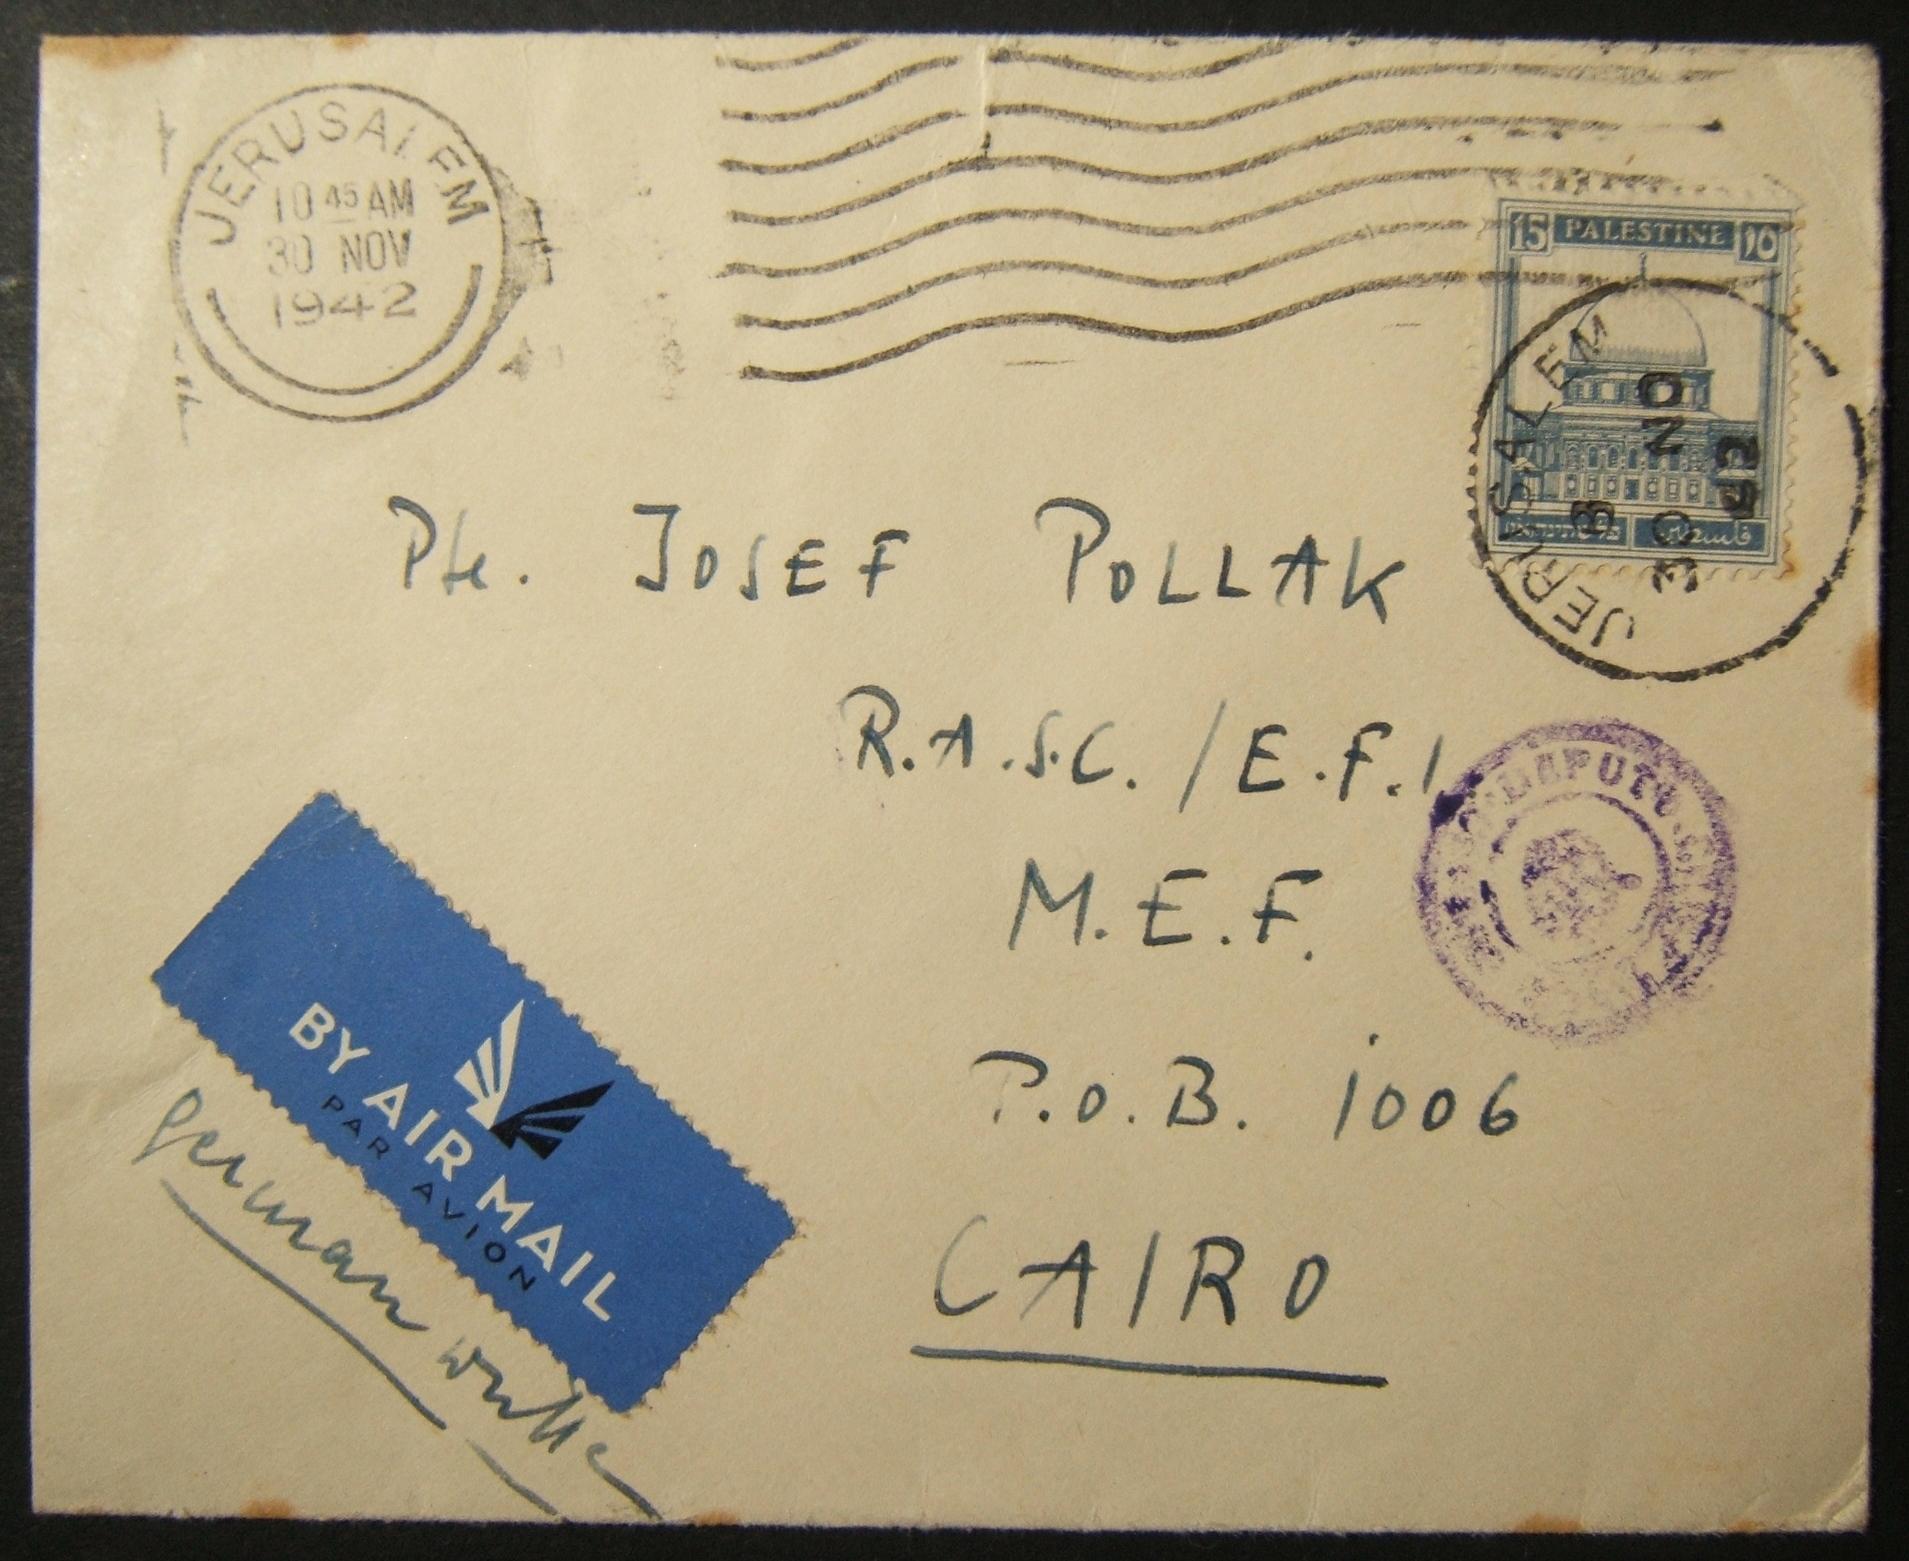 11/1942 الحرب العالمية الثانية للرقابة على البريد من القدس إلى جندي في القاهرة ، مع ختم بريدية نادر